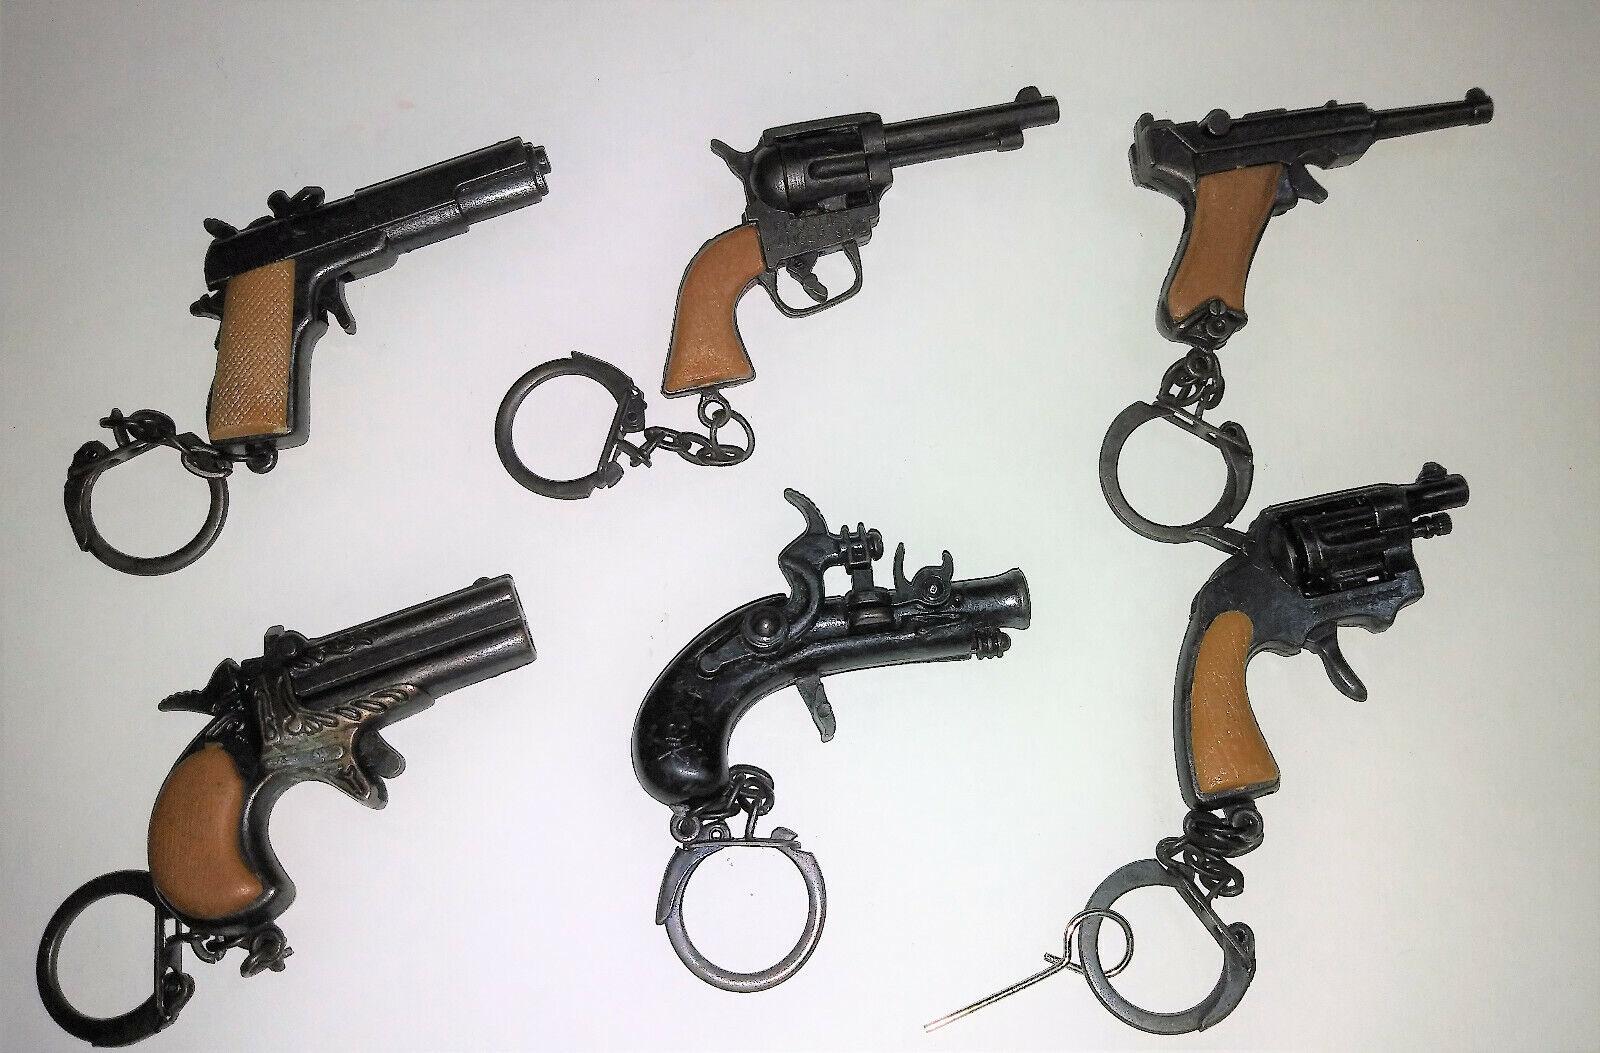 VINTAGE LOT 6 MINI TOYS METAL GUN KEY CHAIN - EXCELLENT ITEM